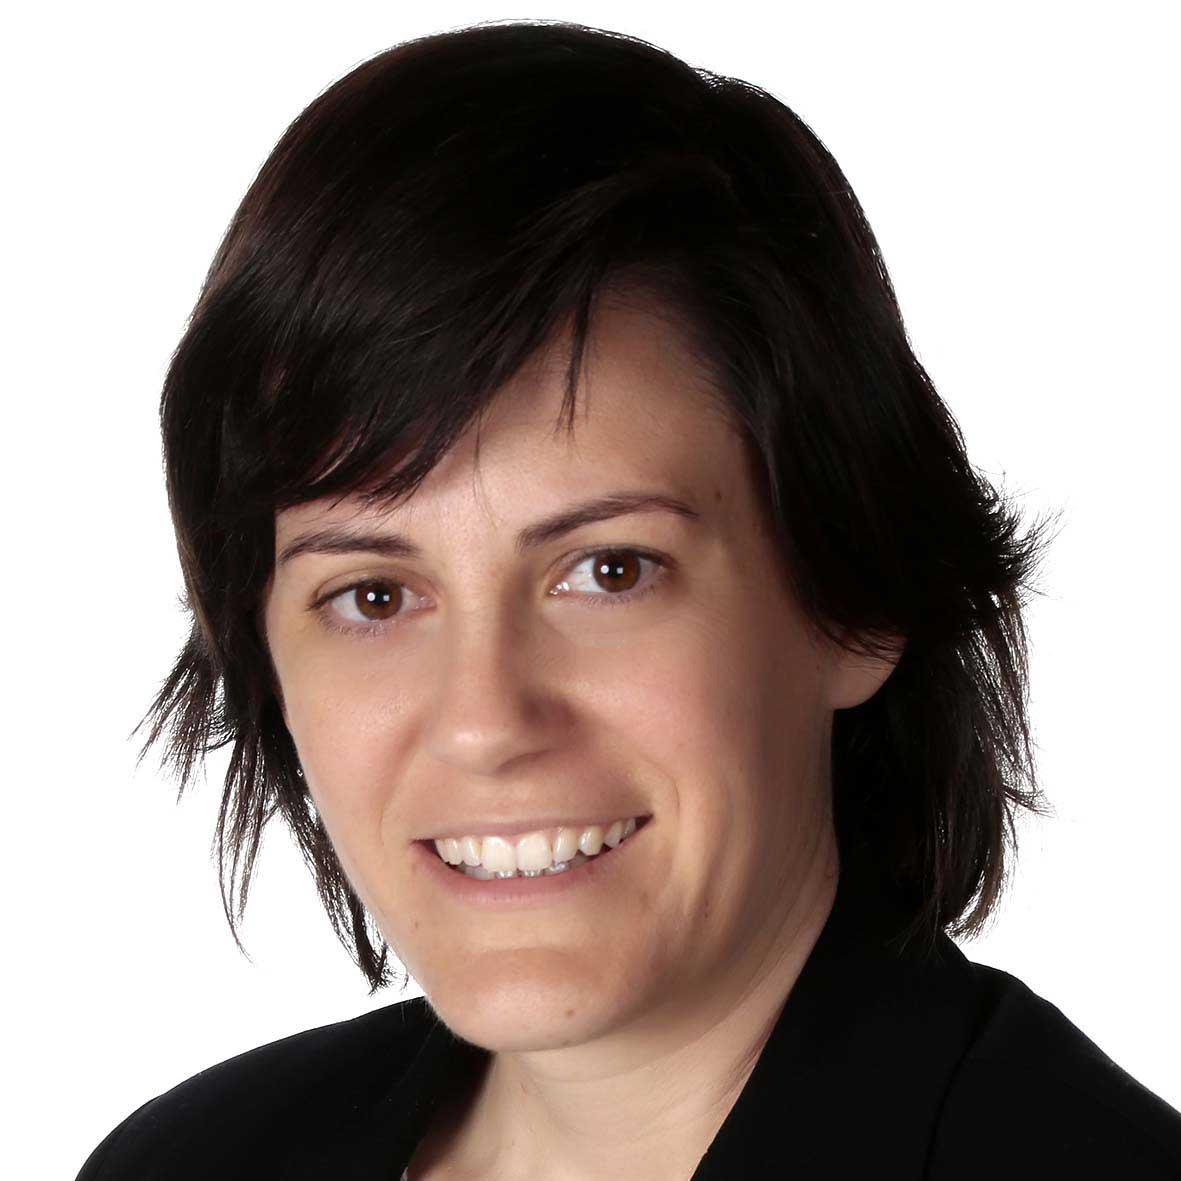 Virginia Carbonell